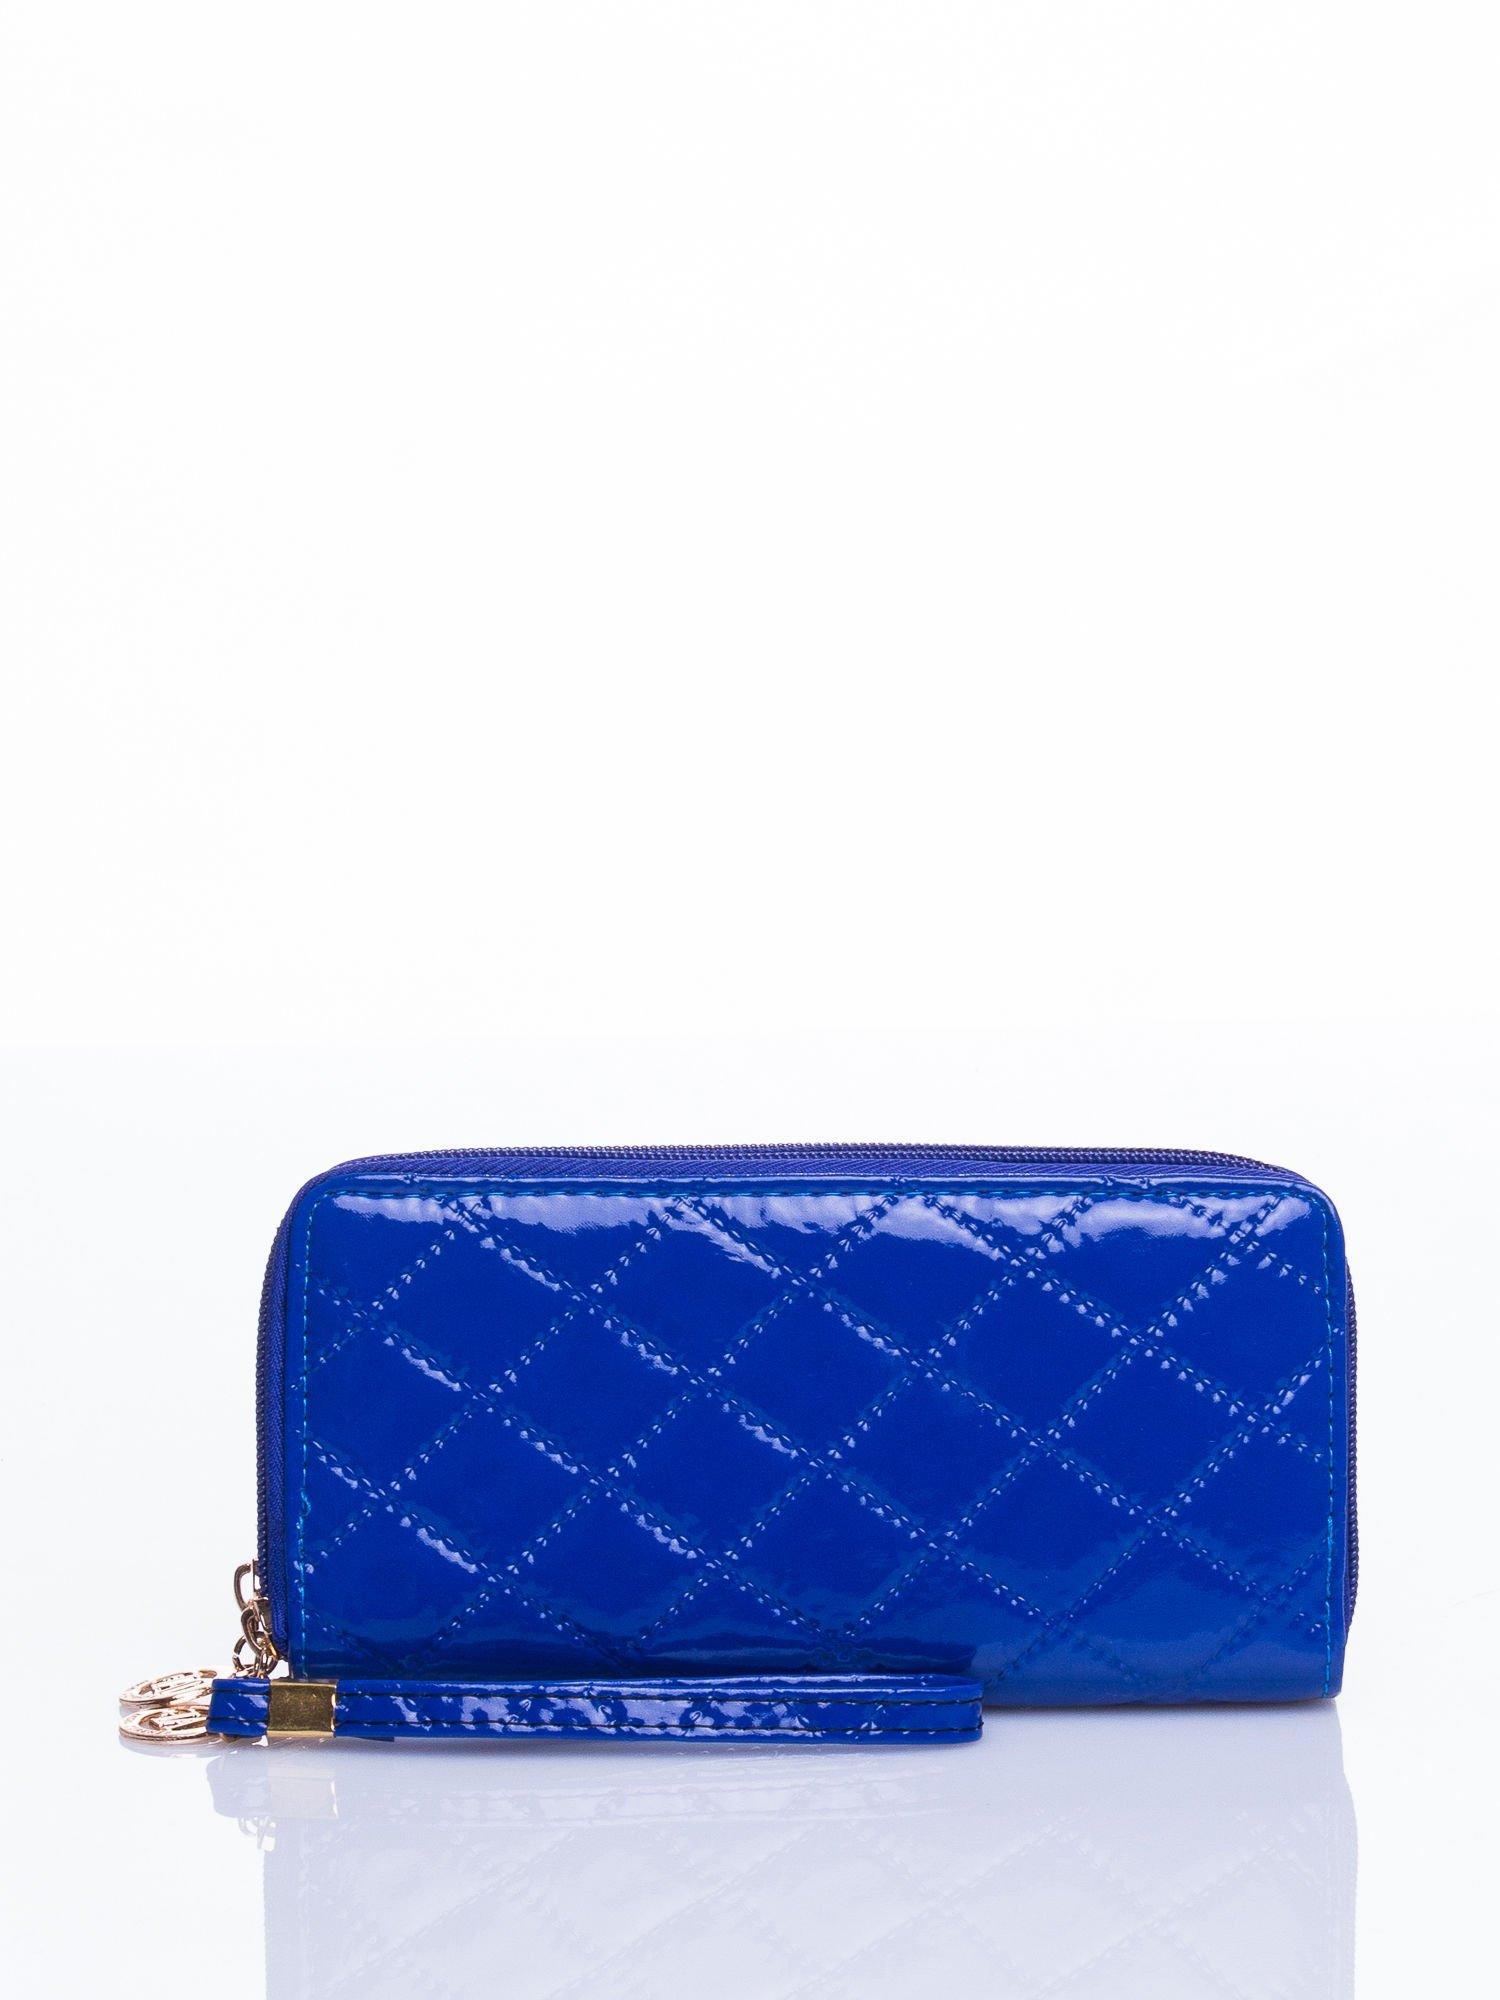 Niebieski lakierowany pikowany portfel                                  zdj.                                  1